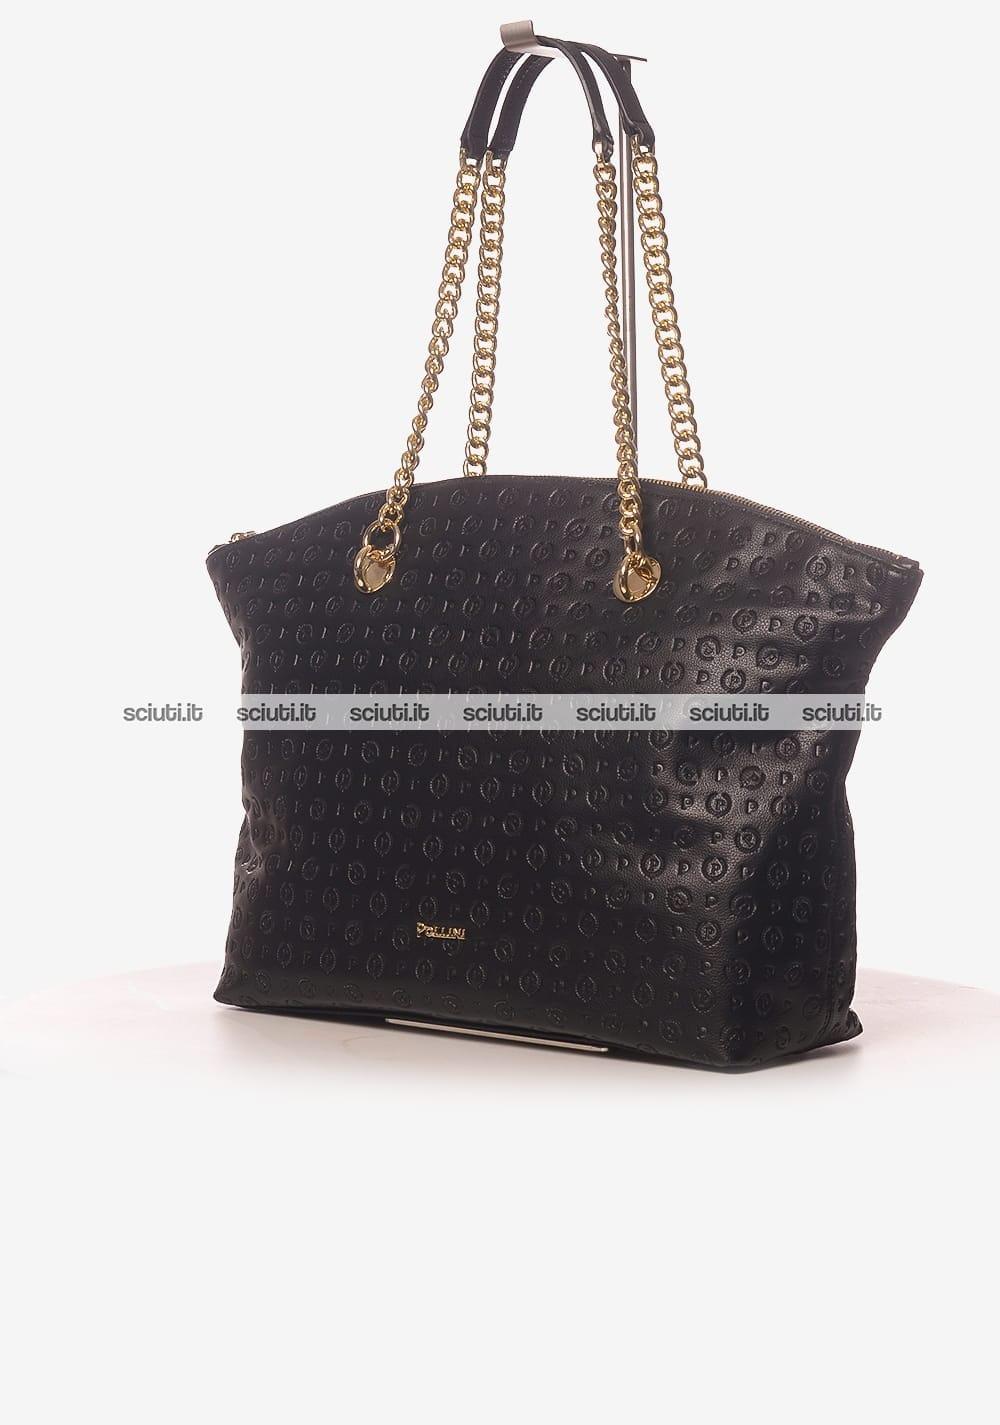 0829b51b04 Borsa a spalla Pollini Heritage donna catena logo all over nero ...